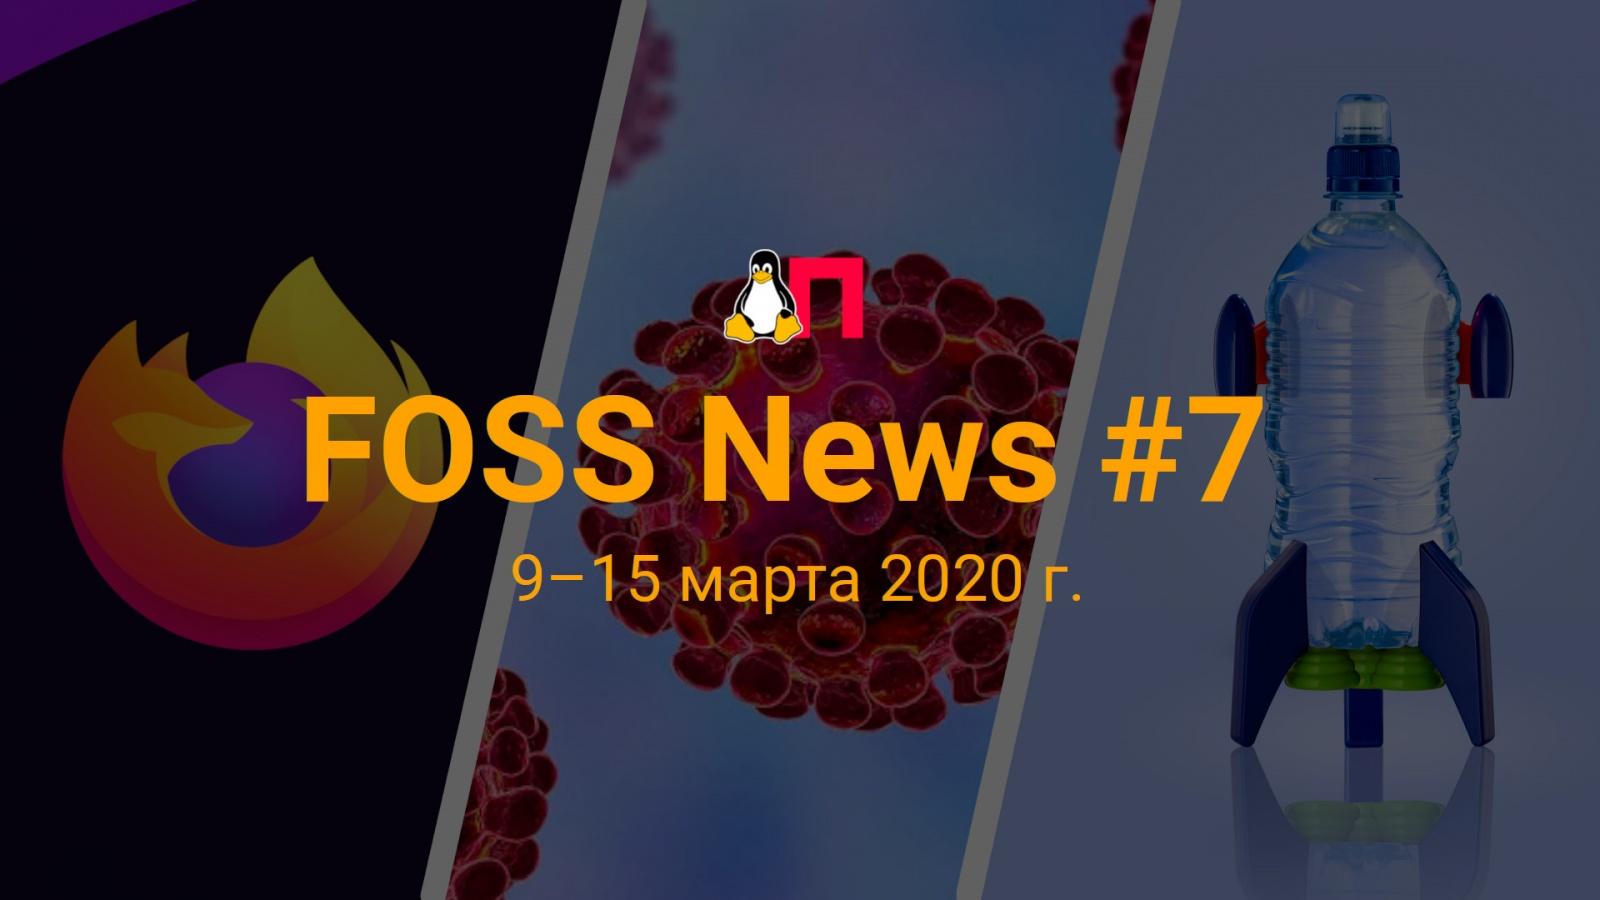 FOSS News №7 — обзор новостей свободного и открытого ПО за 9-15 марта 2020 года - 1